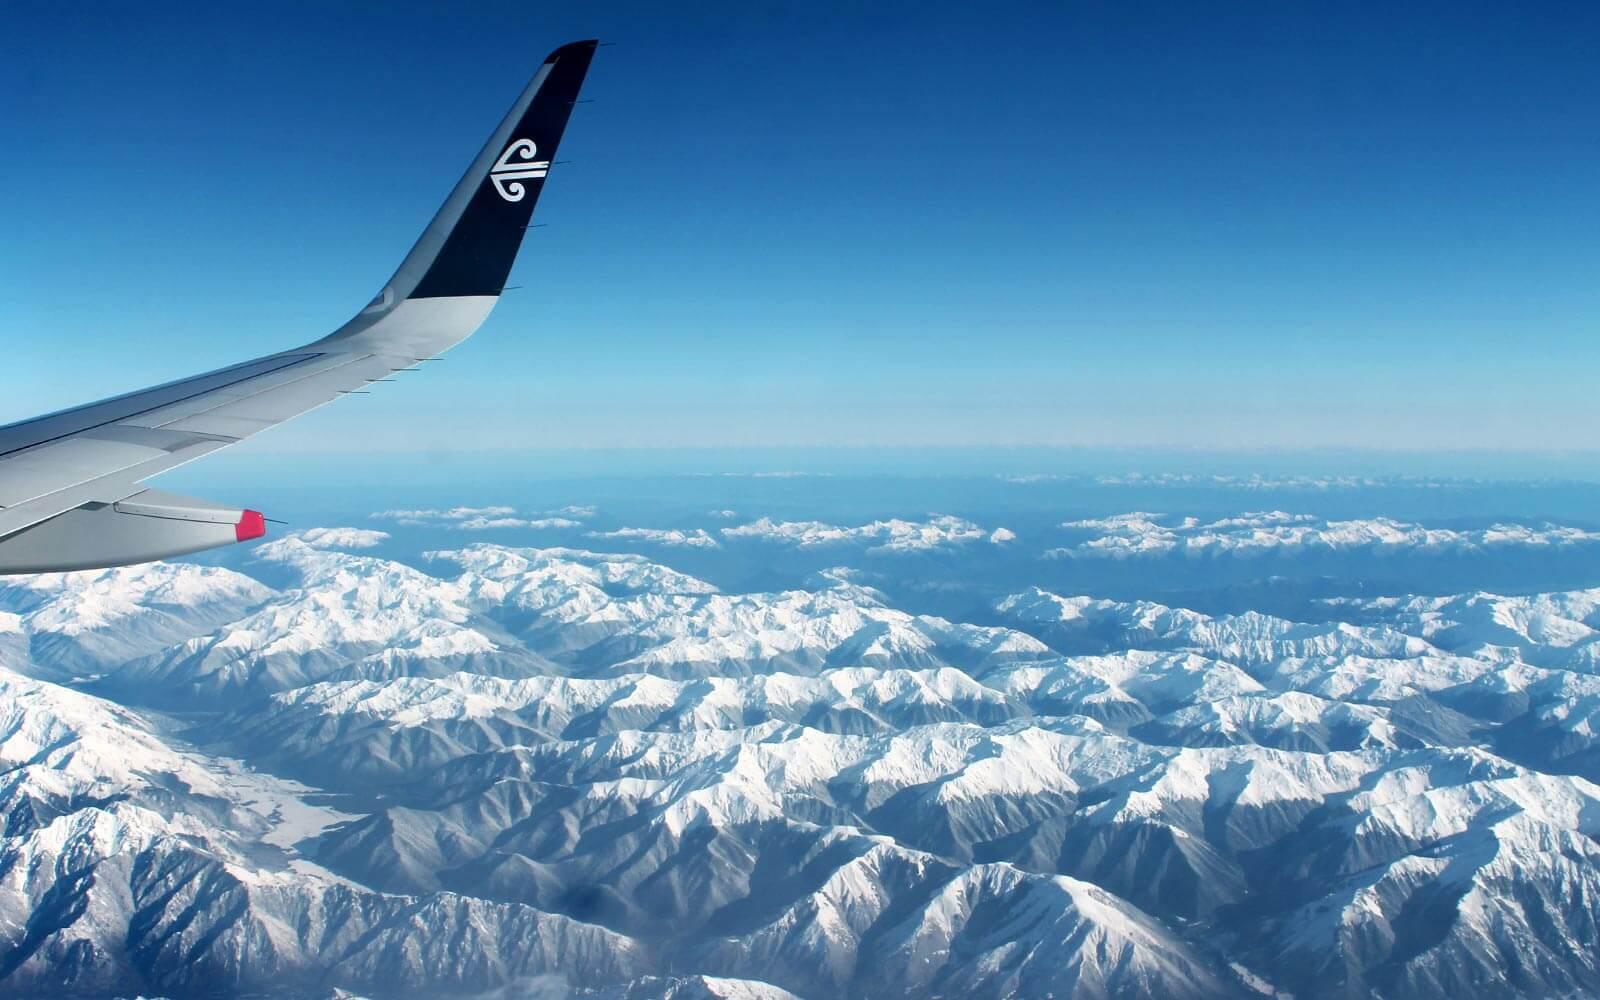 Mit dem Flugzeug über die Southern Alps in Neuseeland